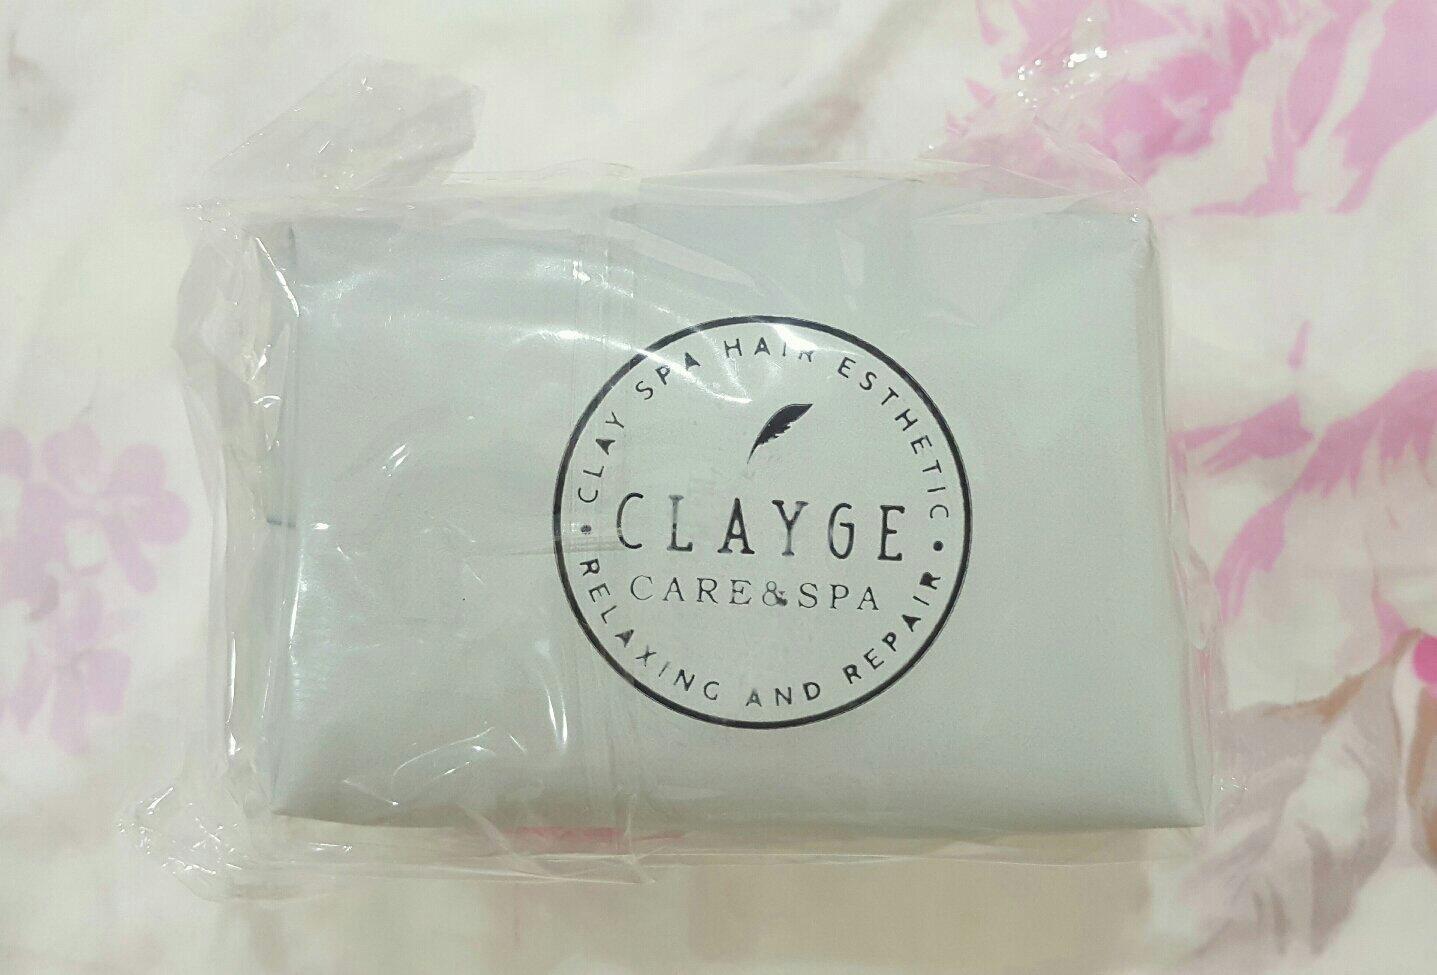 CLAYGE 海泥洗潤髮 化妝包 收納包